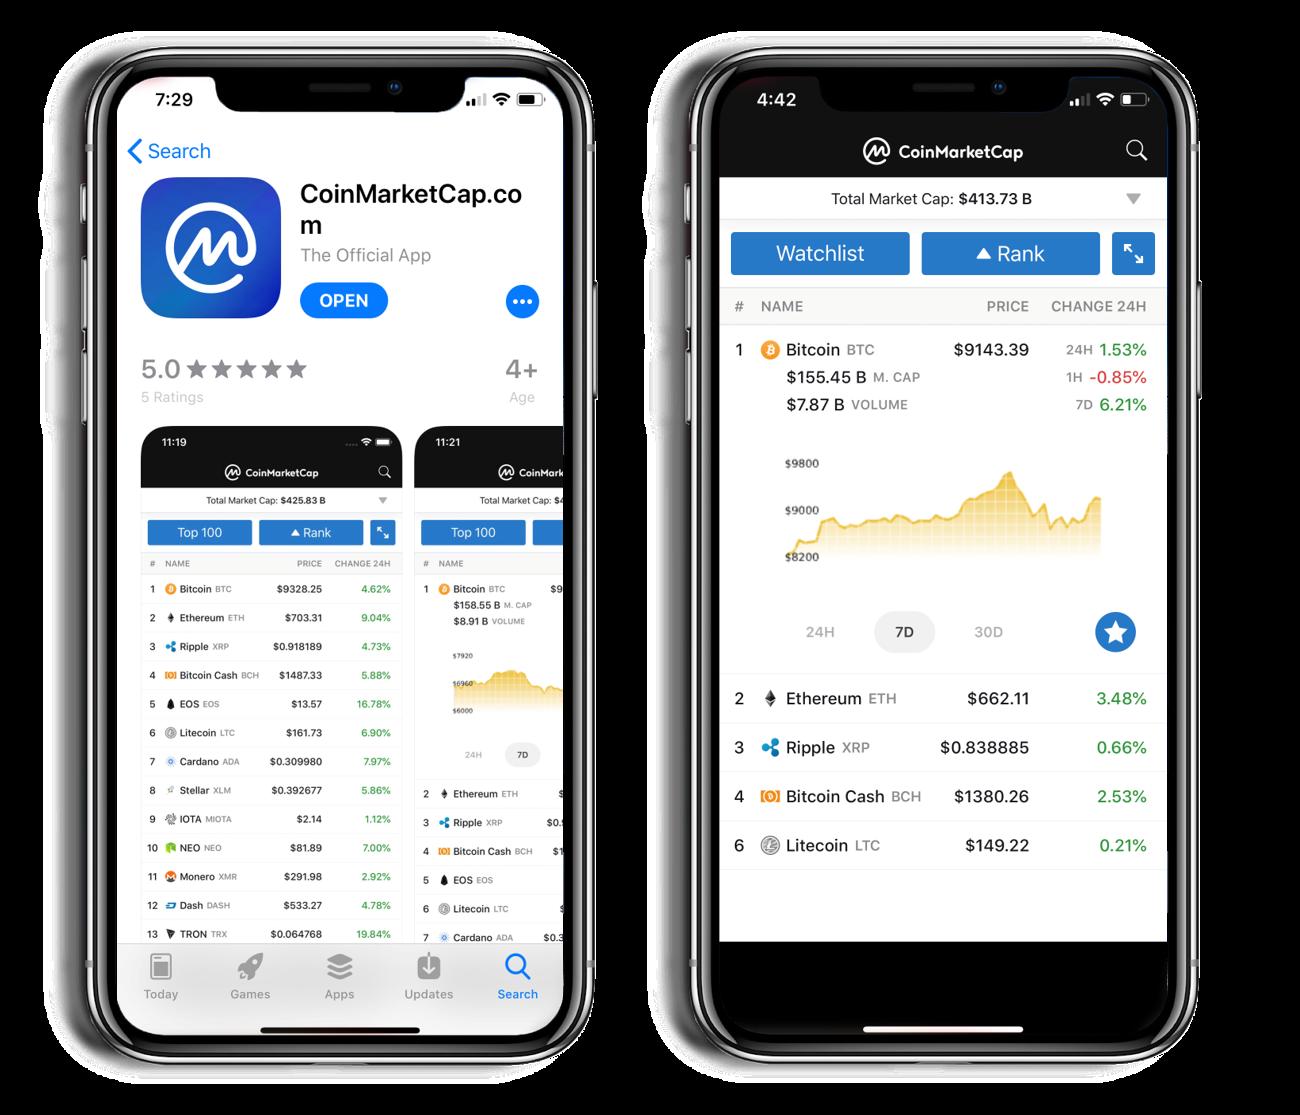 Сайт CoinMarketCap выпустил мобильное приложение